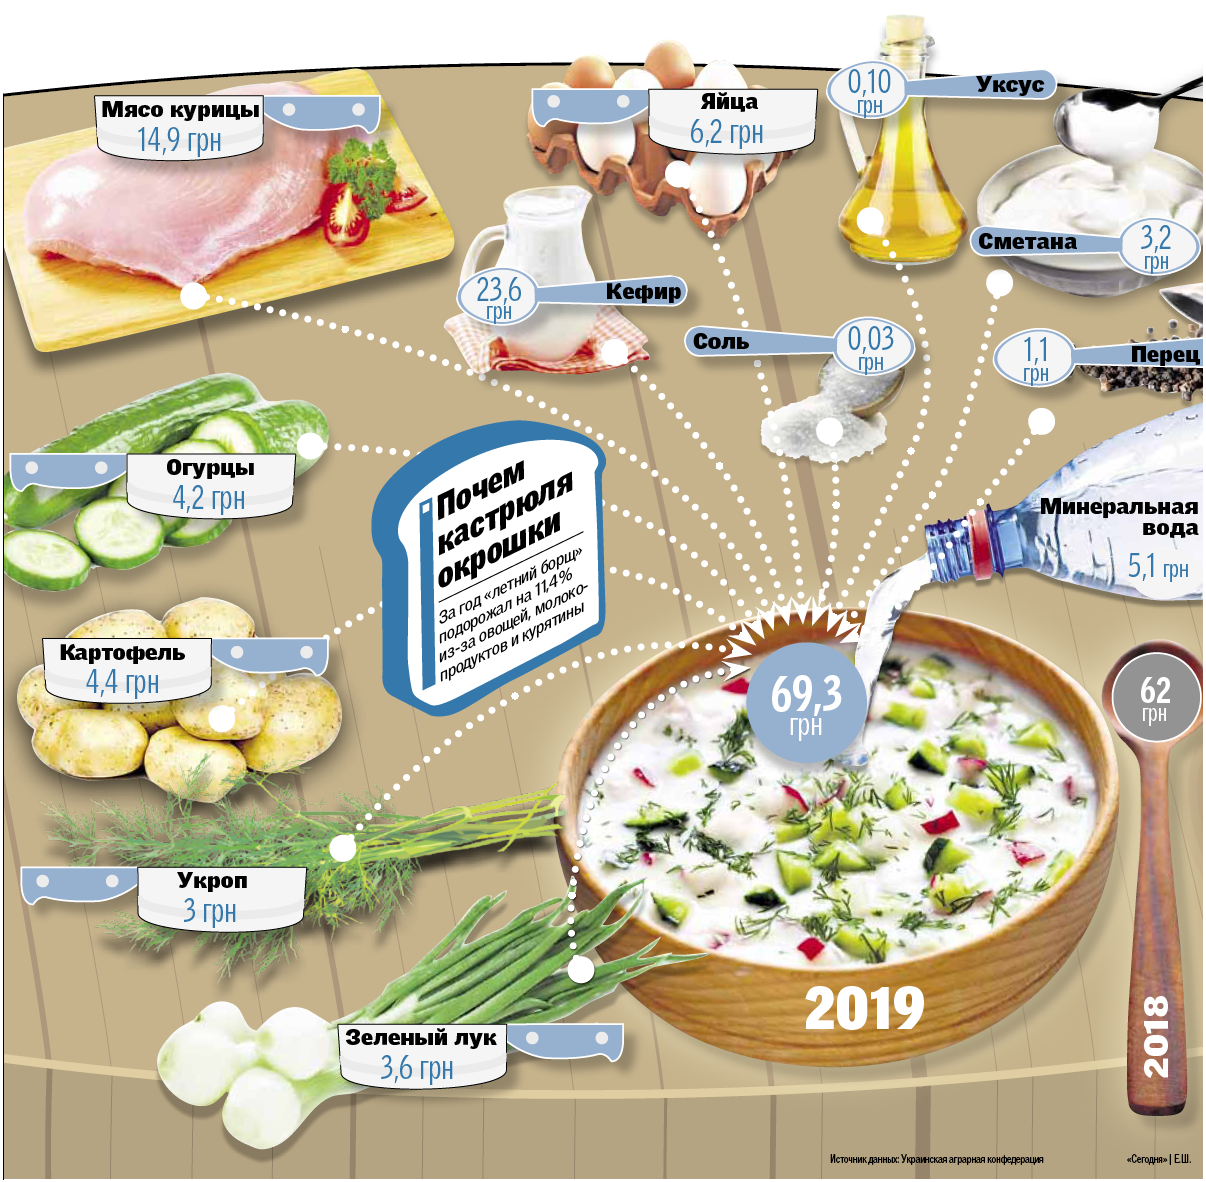 Індекс окрошки: страва, яка найбільше освіжає, подорожчала через зростання цін на овочі, фото-2